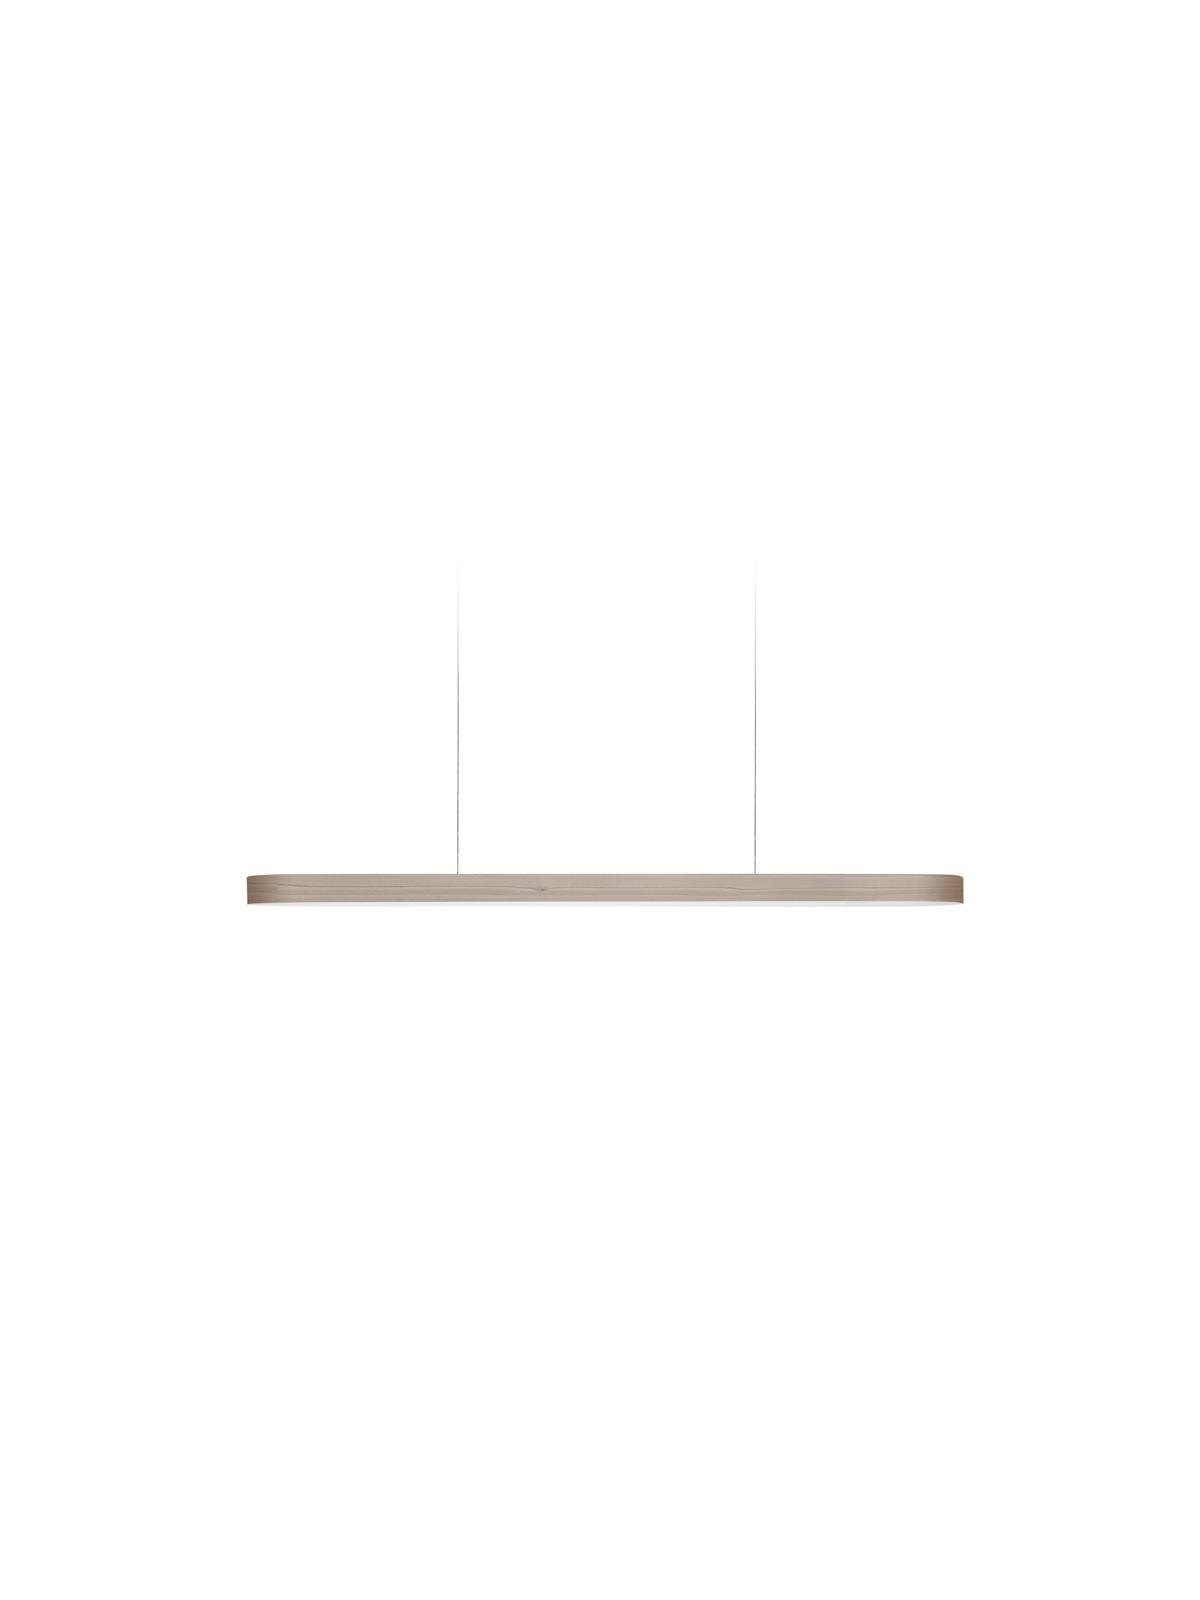 I-Line Short 120 LZF lange Pendelleuchte Designort Lampen Berlin Onlineshop